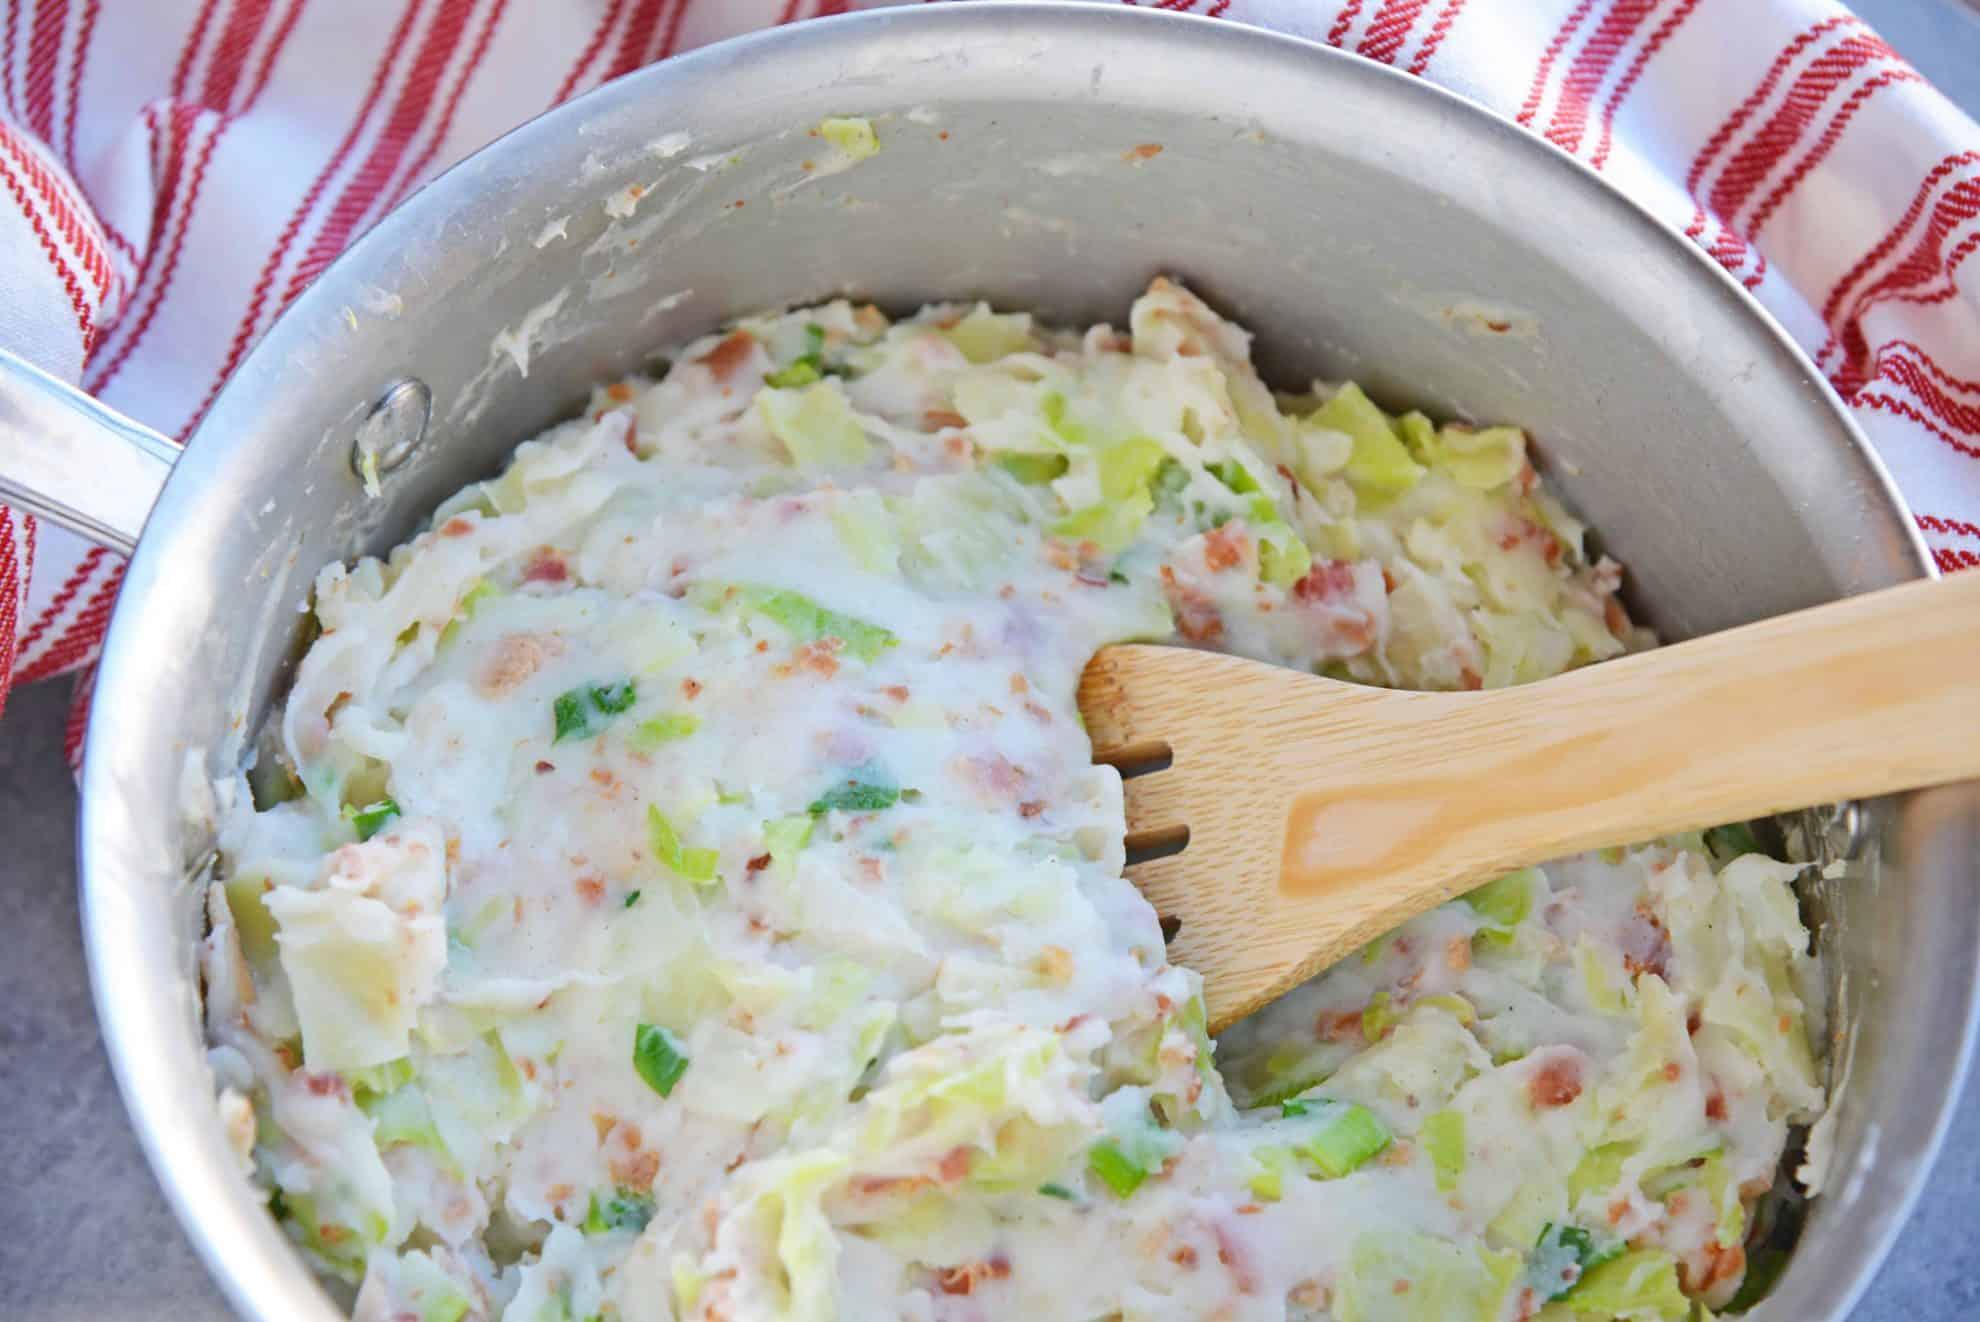 Colcannon in a saucepan